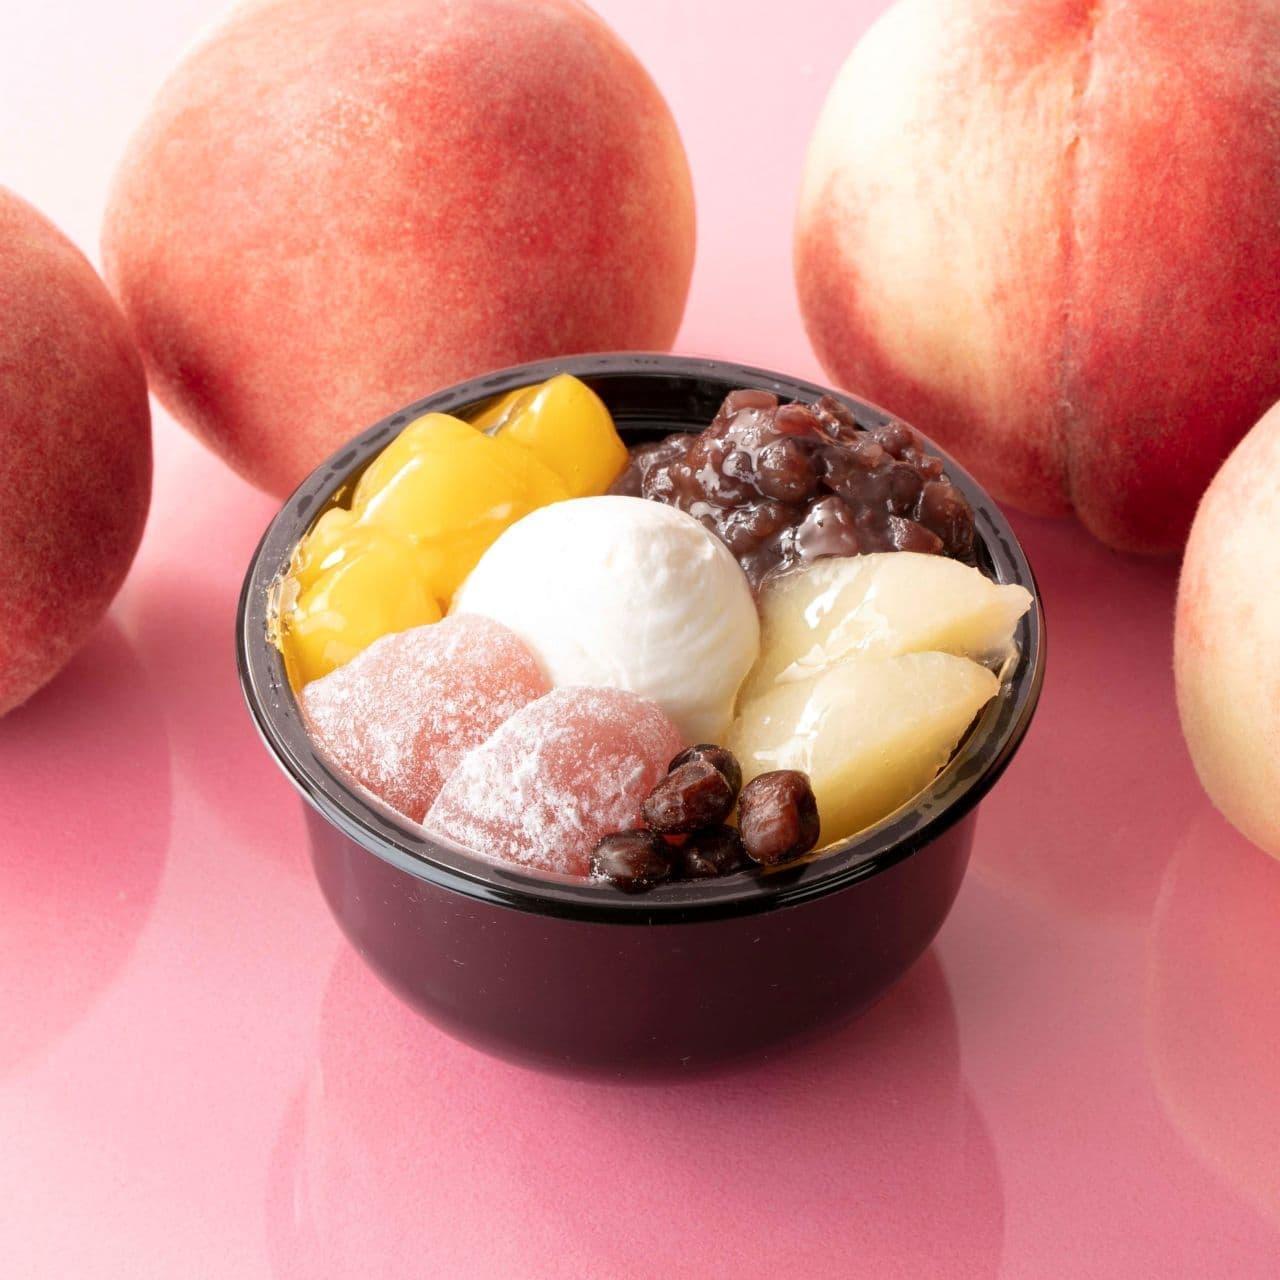 シャトレーゼ「白桃クリームあんみつ わらび餅入り」